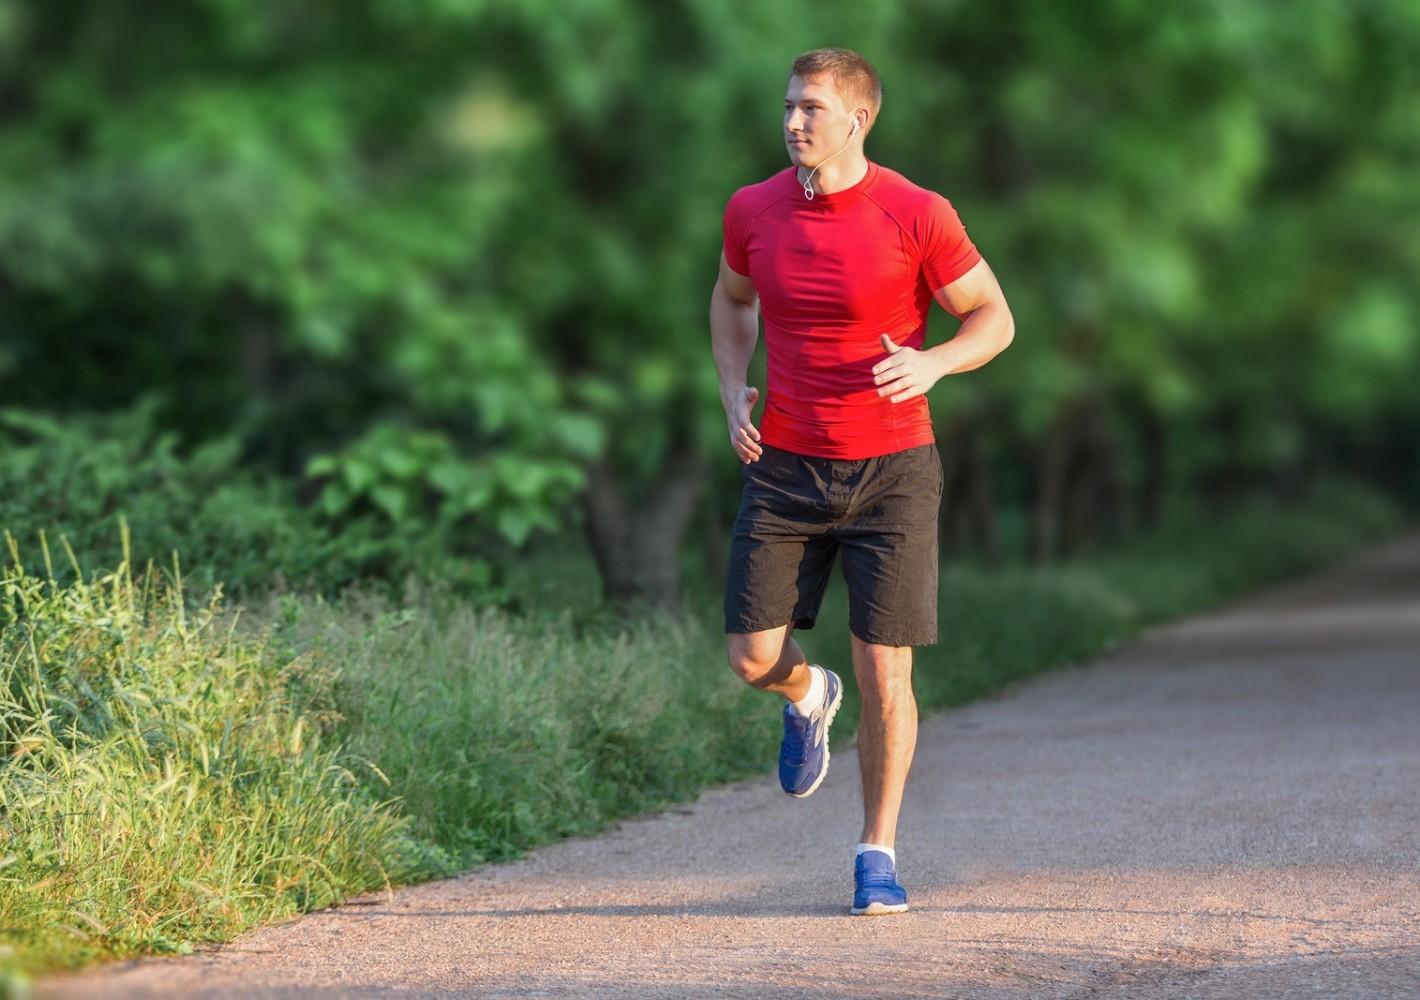 Kohti tehokkaampaa juoksua: Jerkkua reiteen!